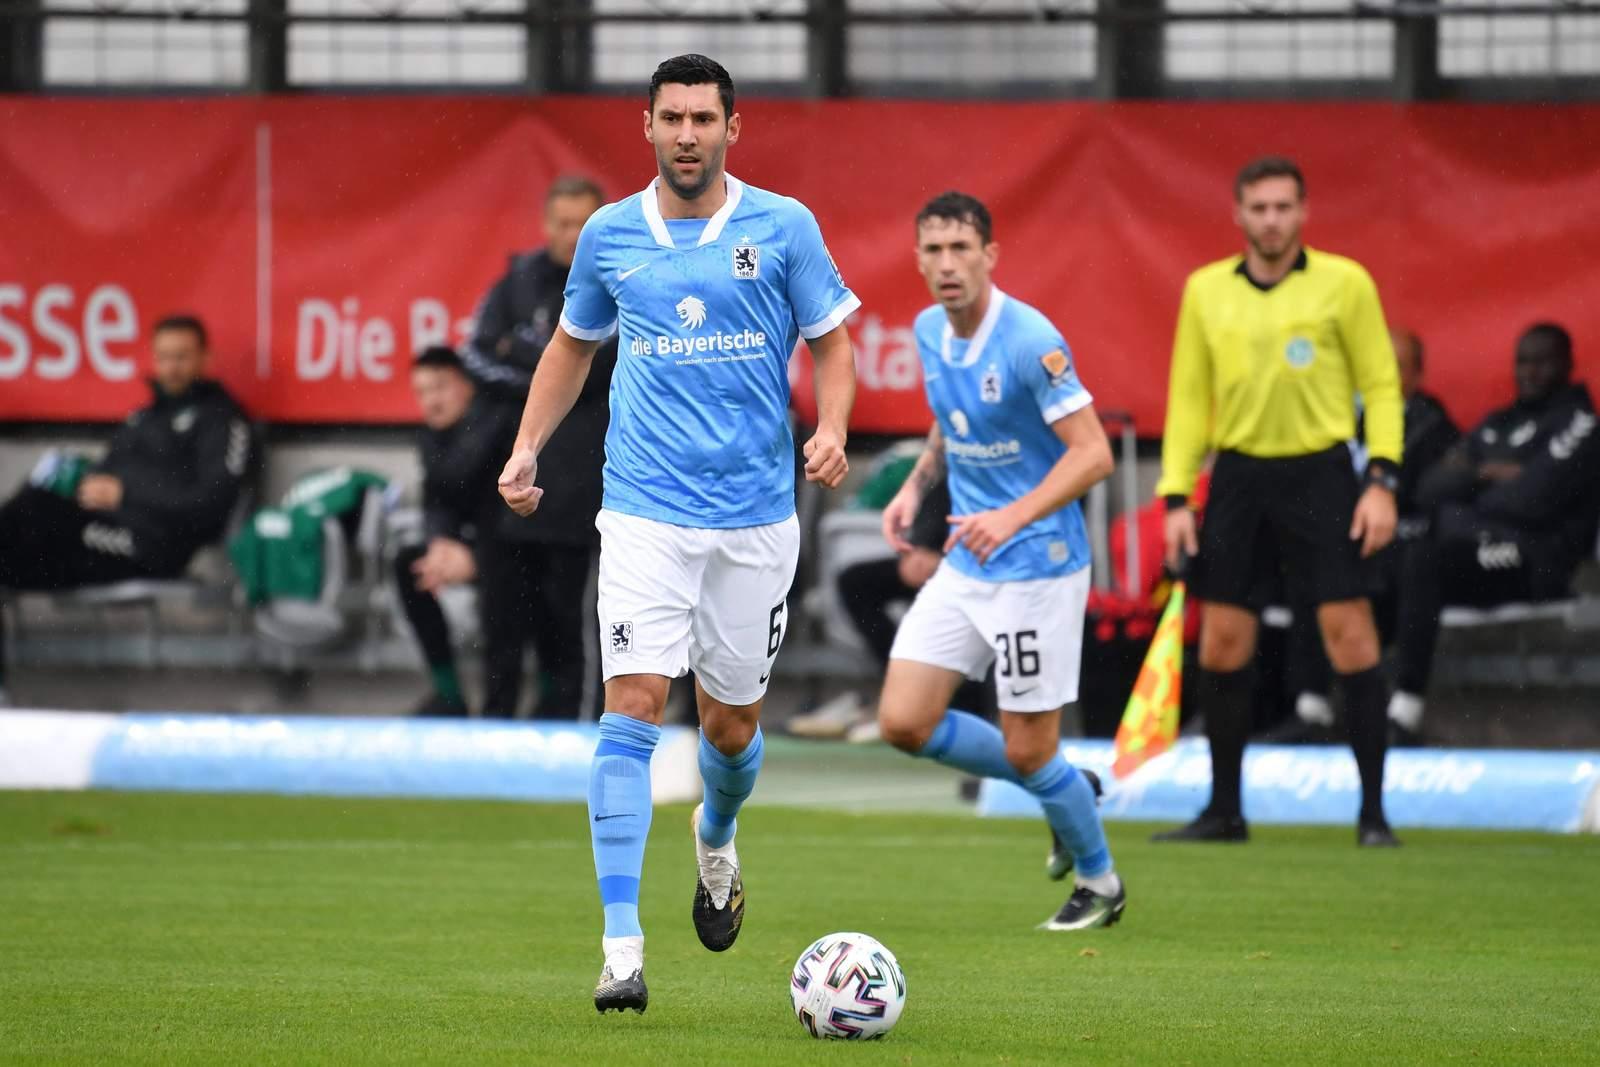 Stephan Salger im Heimspiel gegen Lübeck.